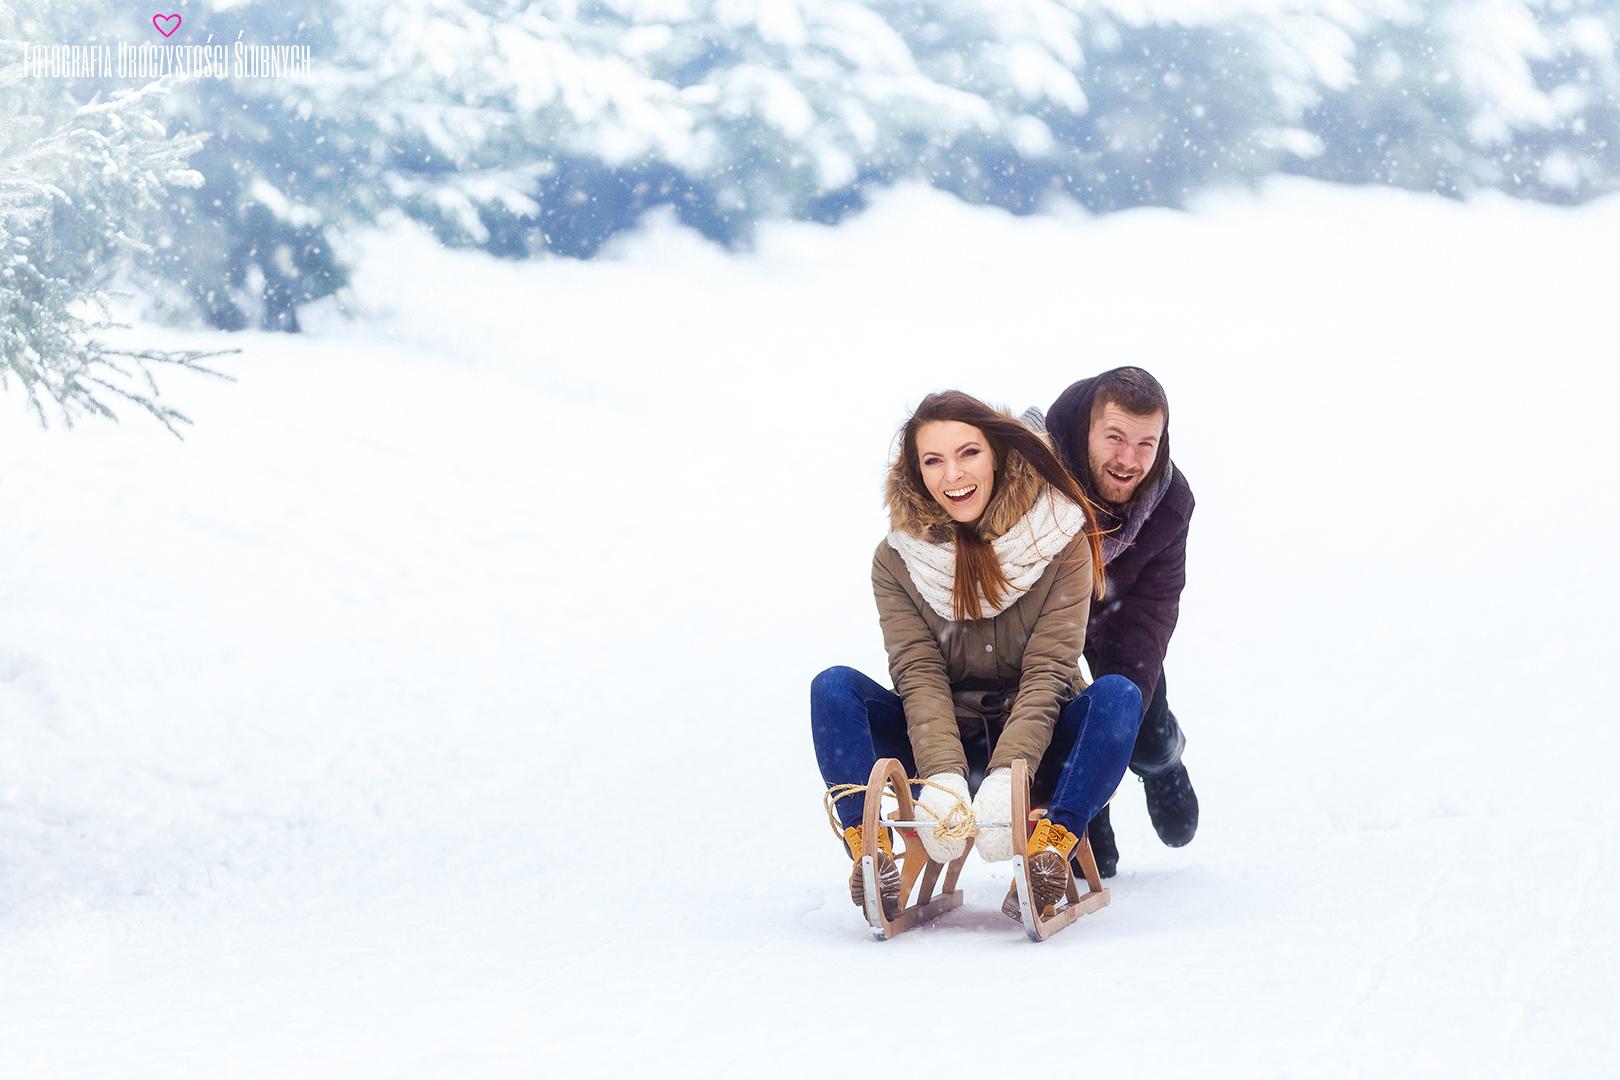 Sesja plenerowa w górach zimą. Fotografia ślubna Karkonosze. Zdjęcia Jelenia Góra i okolice. Fotograf ślubny - Klaudia Cieplińska - Zapraszam!